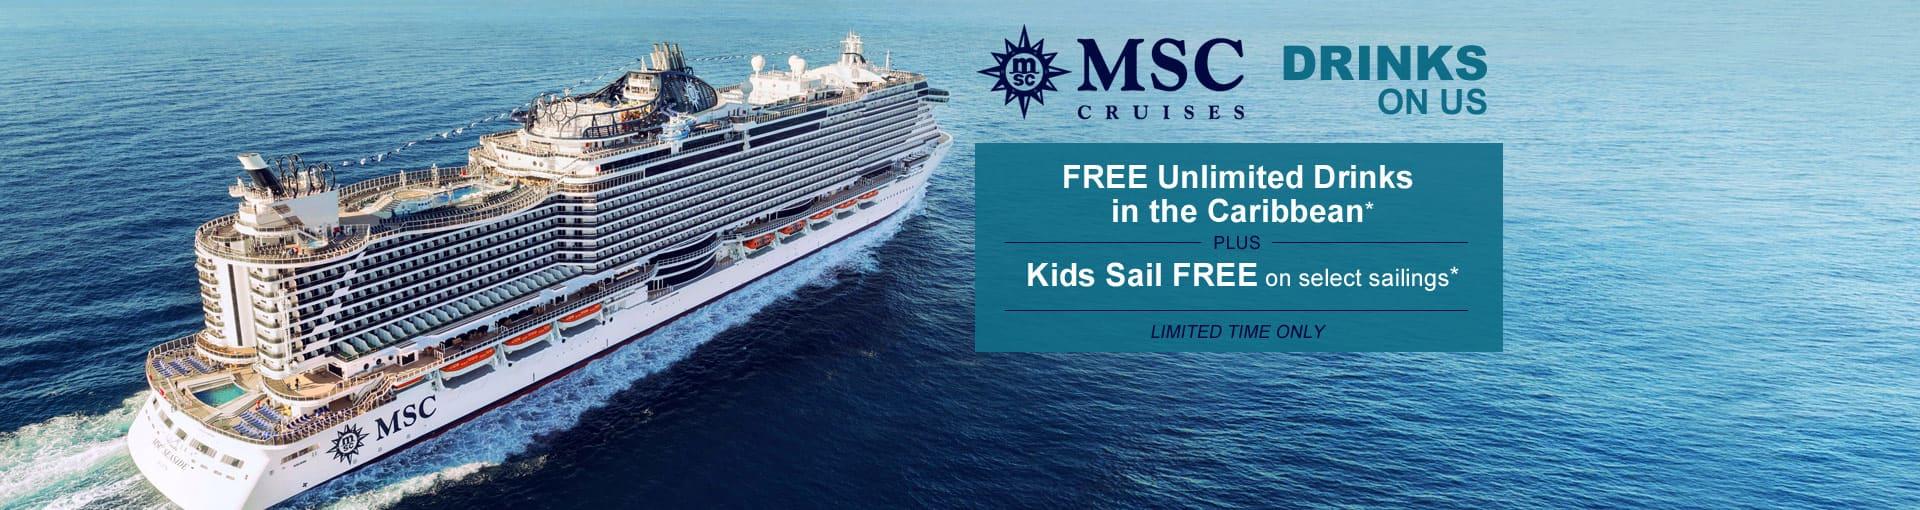 MSC Cruises - Drinks On Us Banner